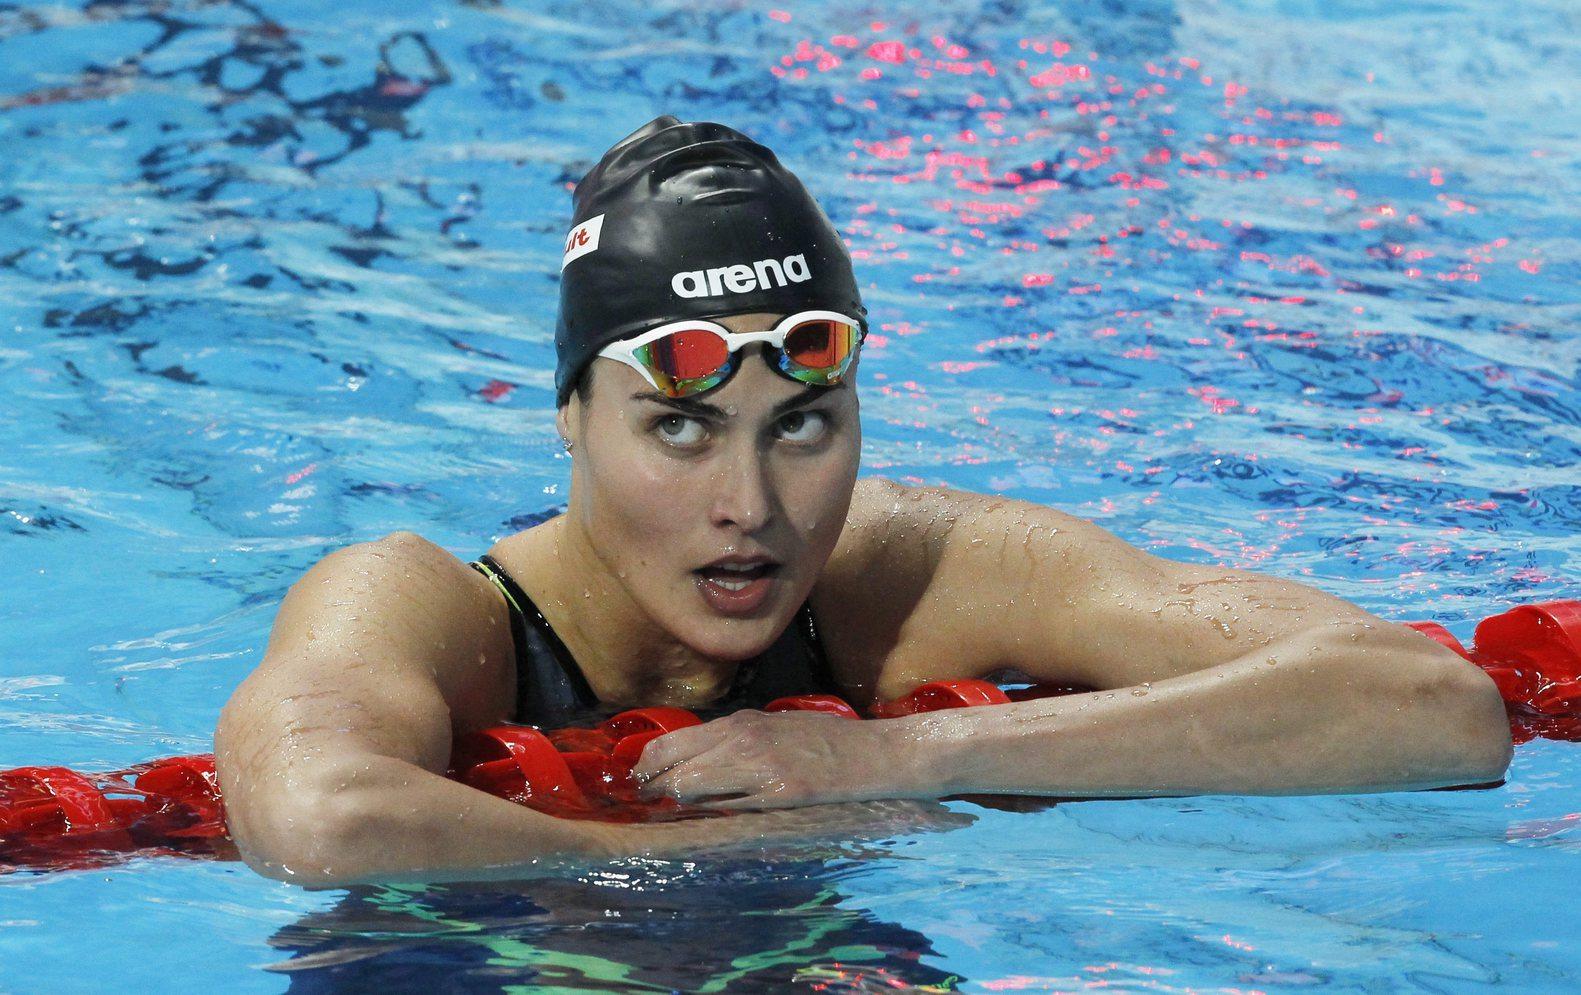 Jakabos Zsuzsanna a célban a 200 méteres vegyes úszás elődöntőjében a kazanyi vizes világbajnokságon. MTI Fotó: Kovács Anikó